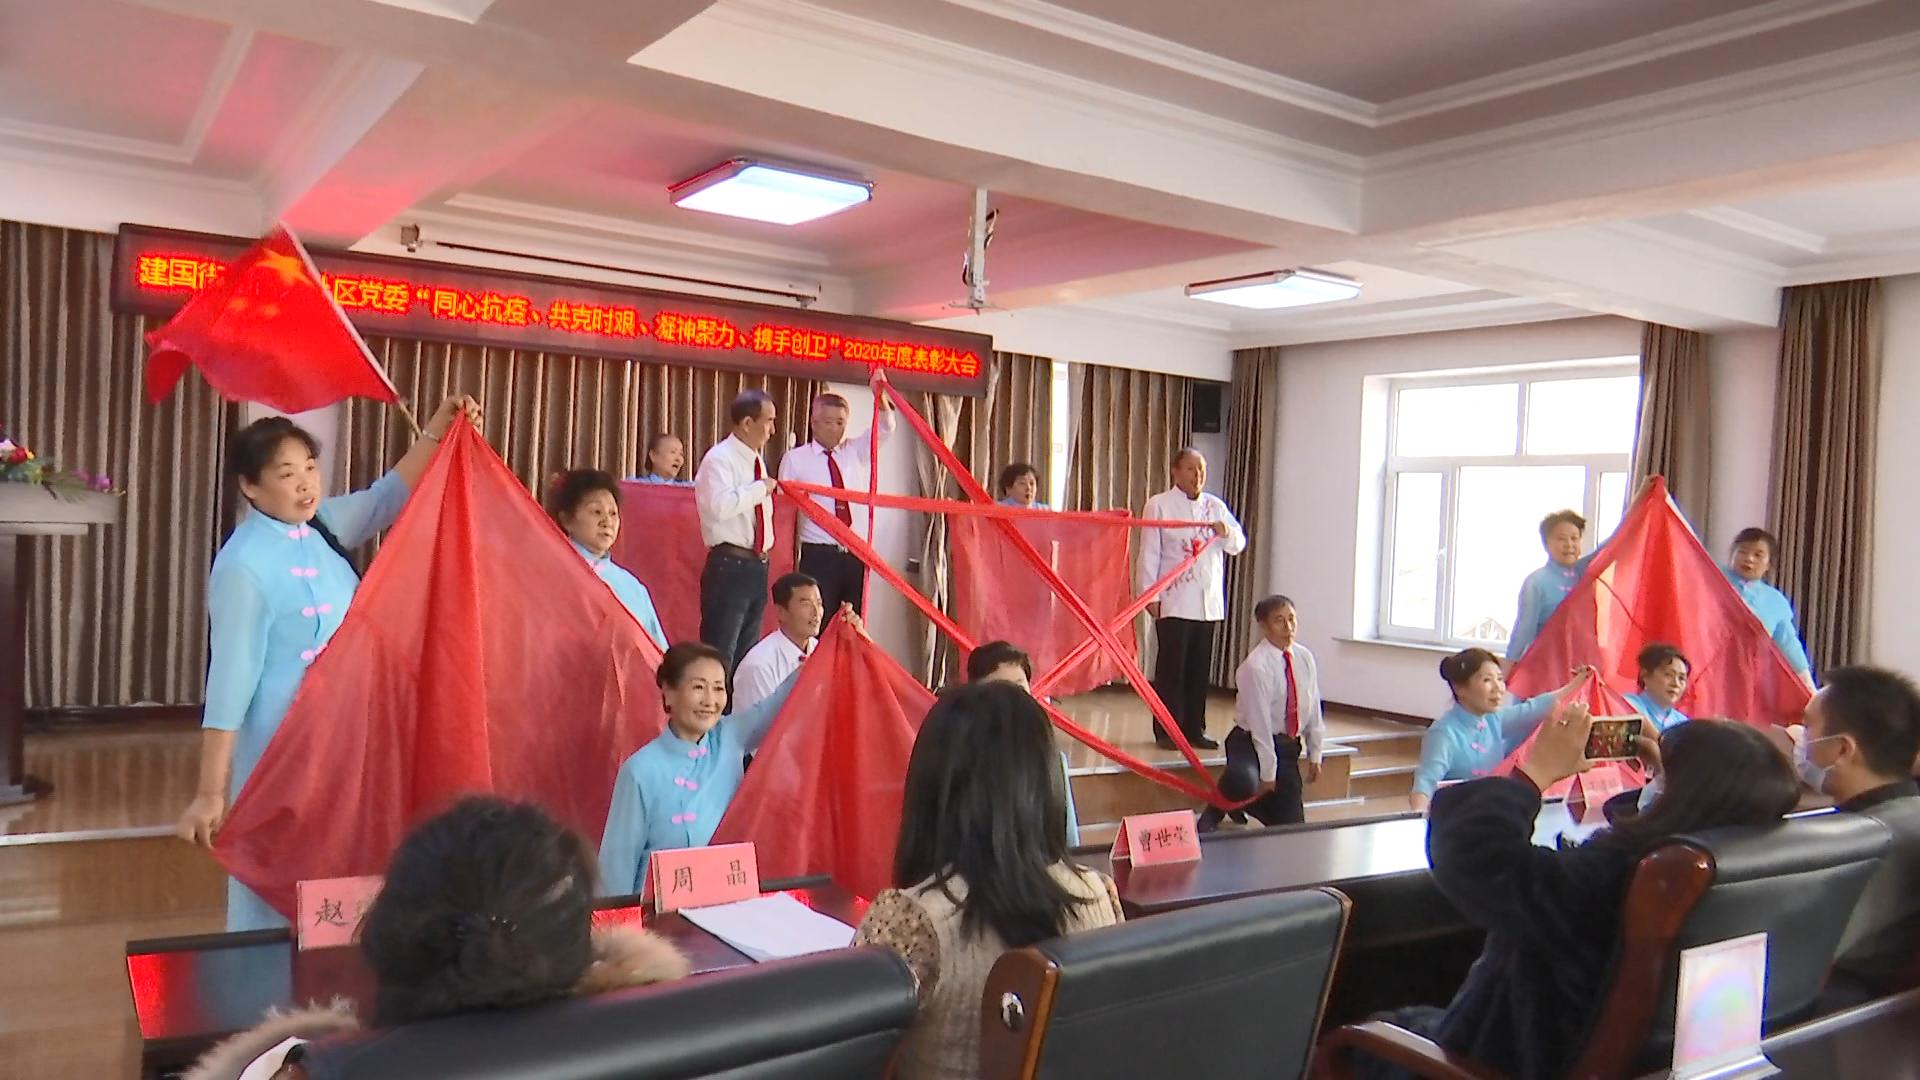 台兴社区党委开展表彰活动